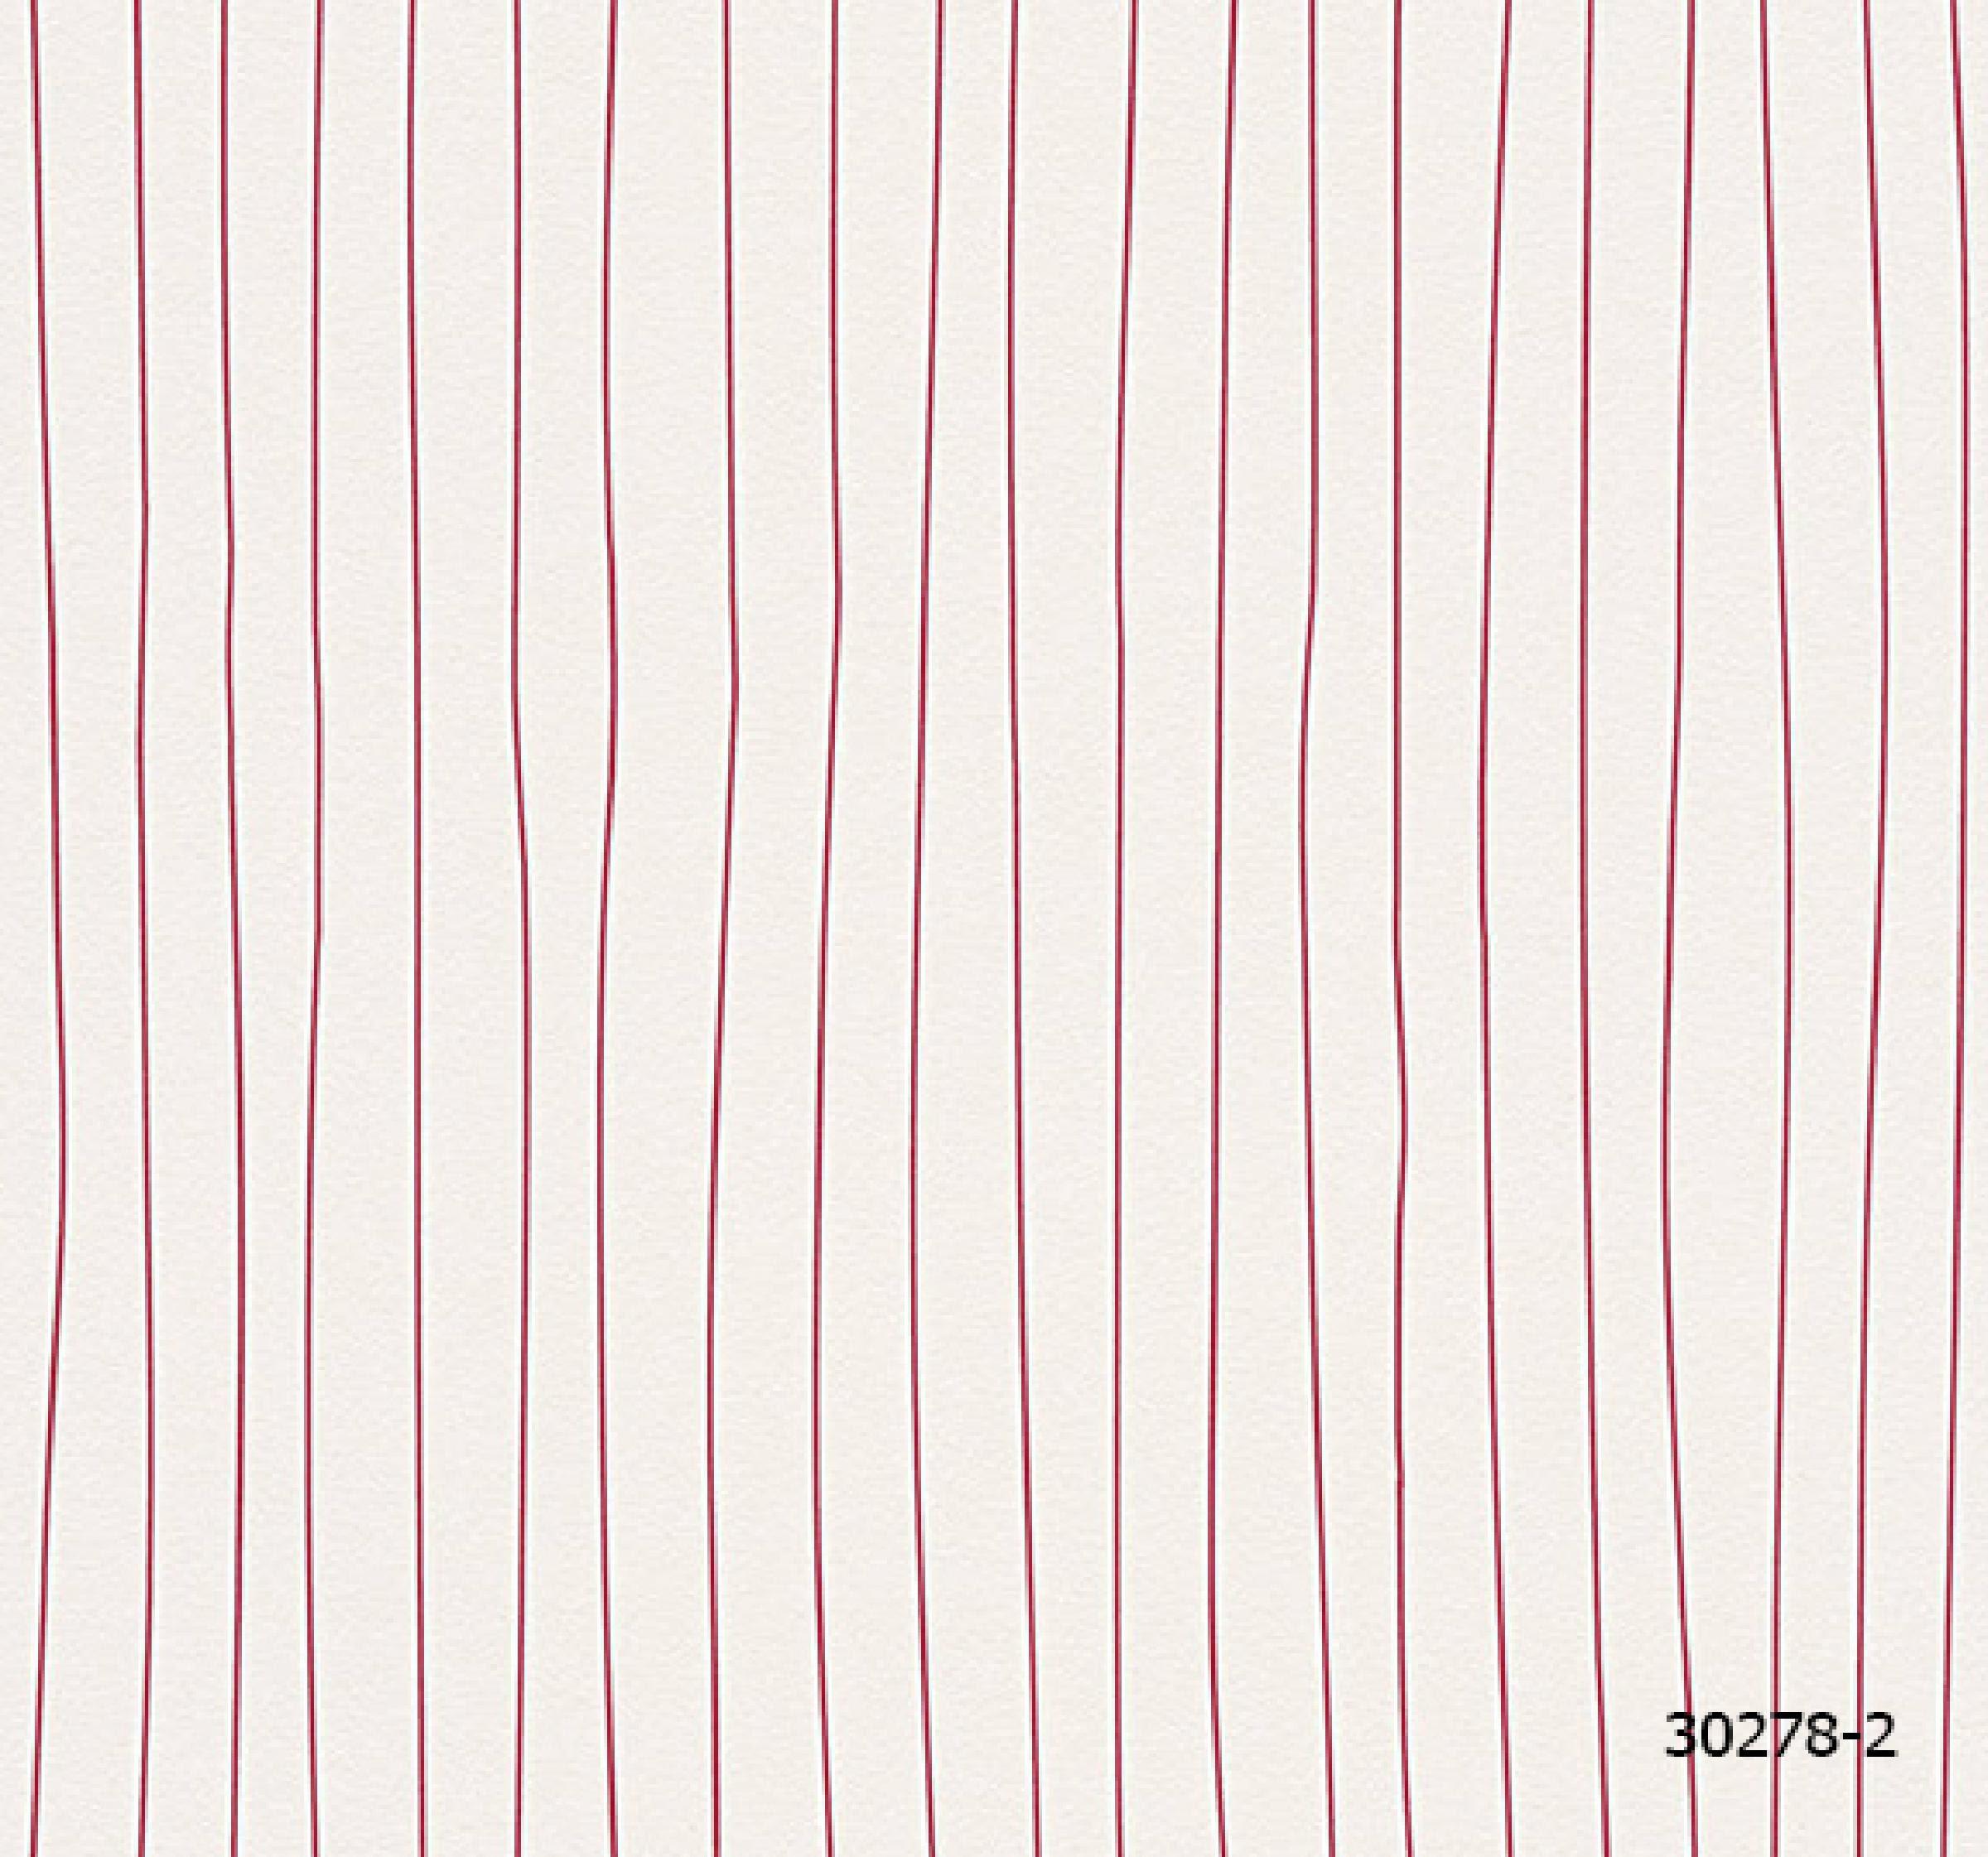 วอลเปเปอร์ลายโมเดิร์น ดีไซน์ลายเส้น ขาว-แดง